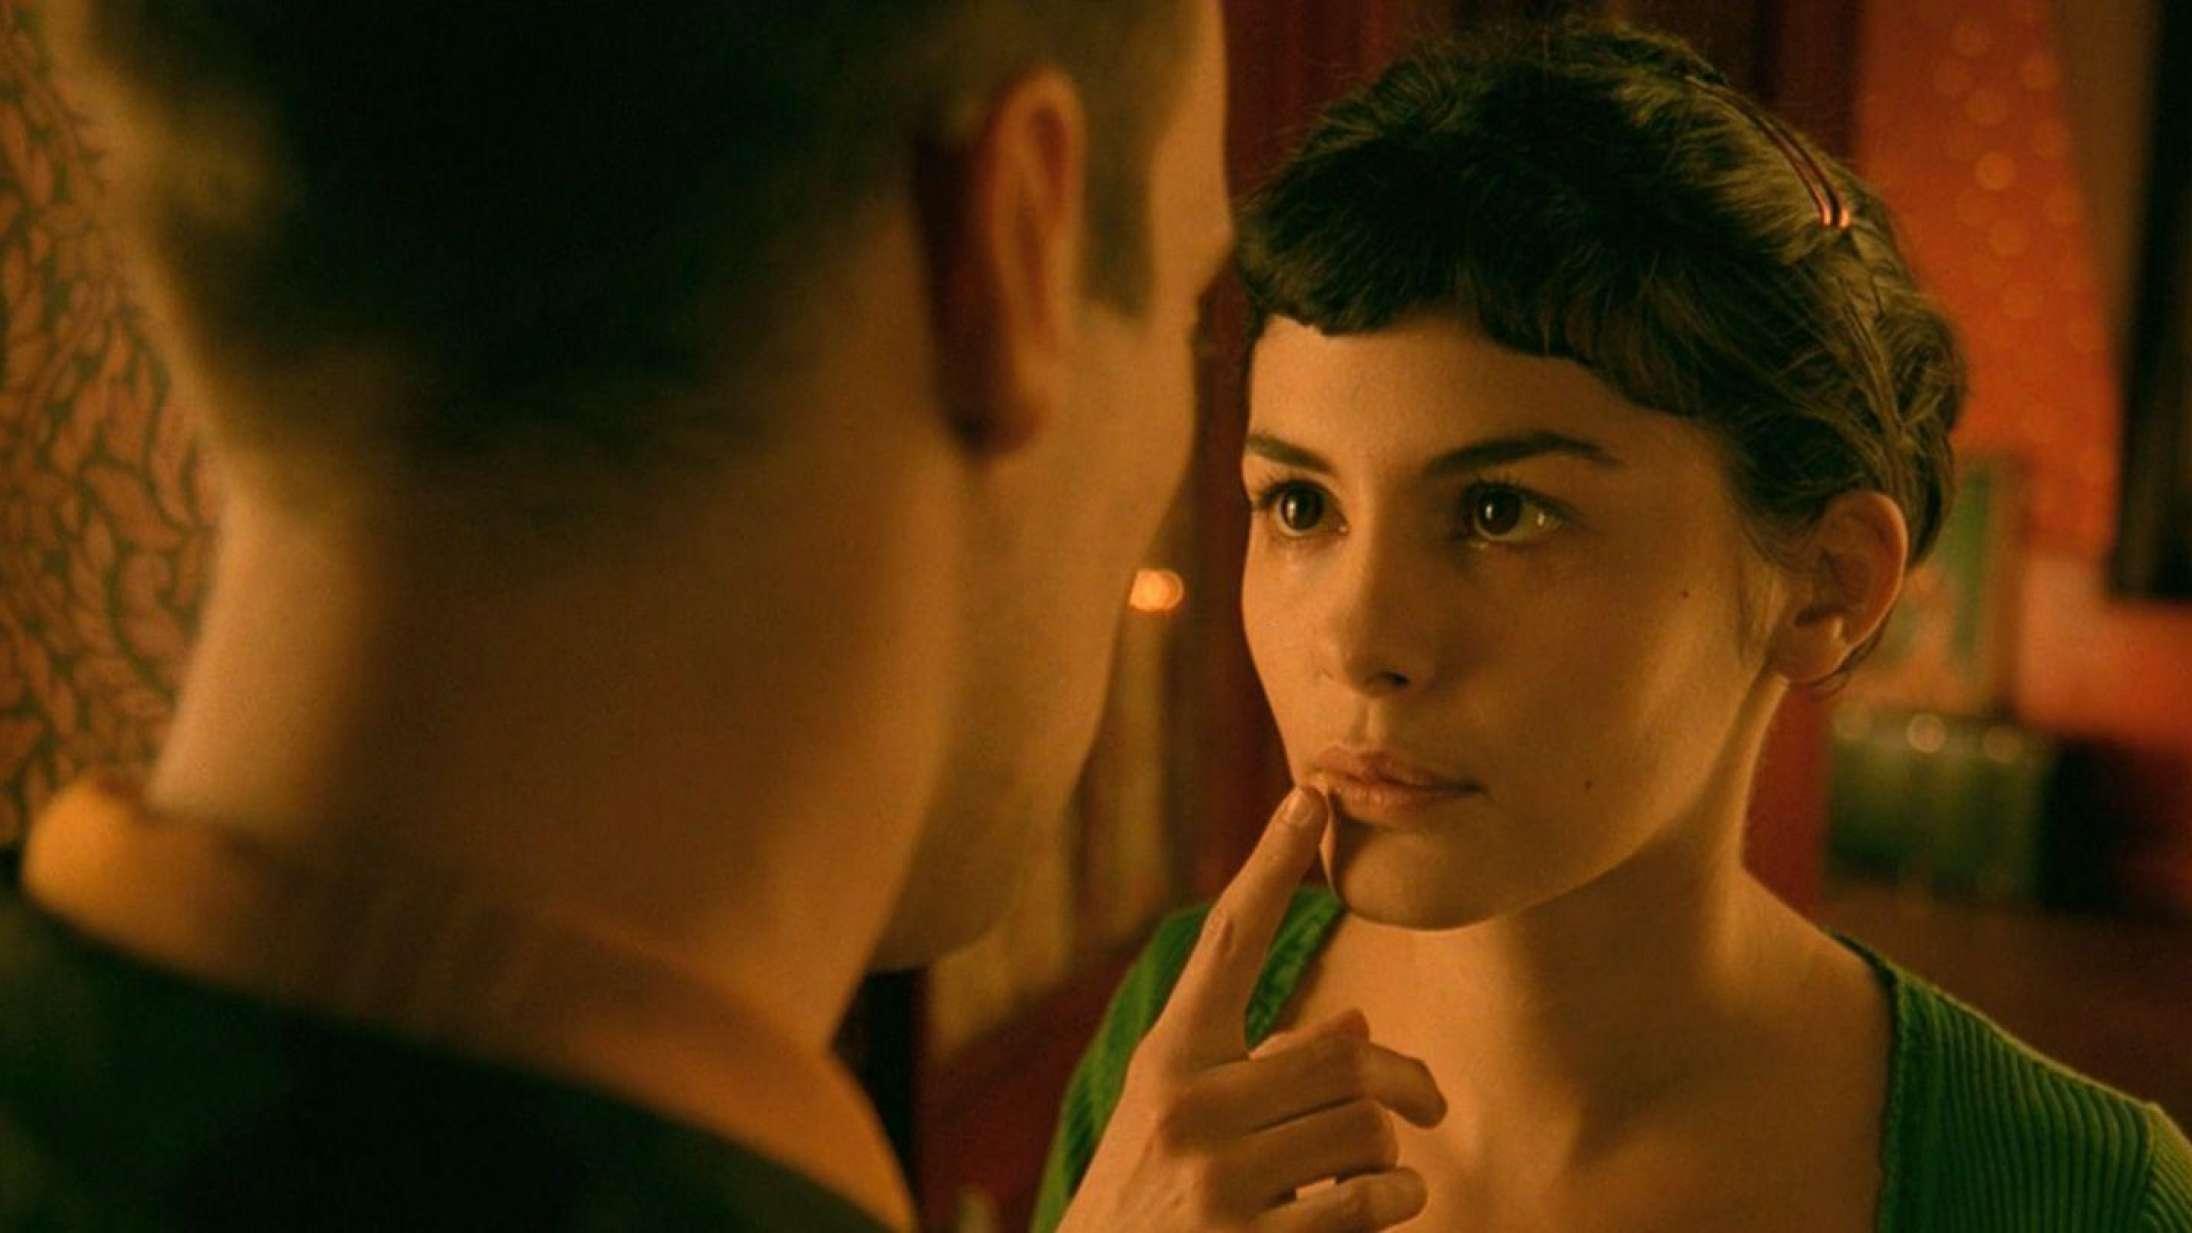 Gensyn med alletiders franske biografhit: 'Amélie' – og hvorfor vi skal tage feelgood-film alvorligt